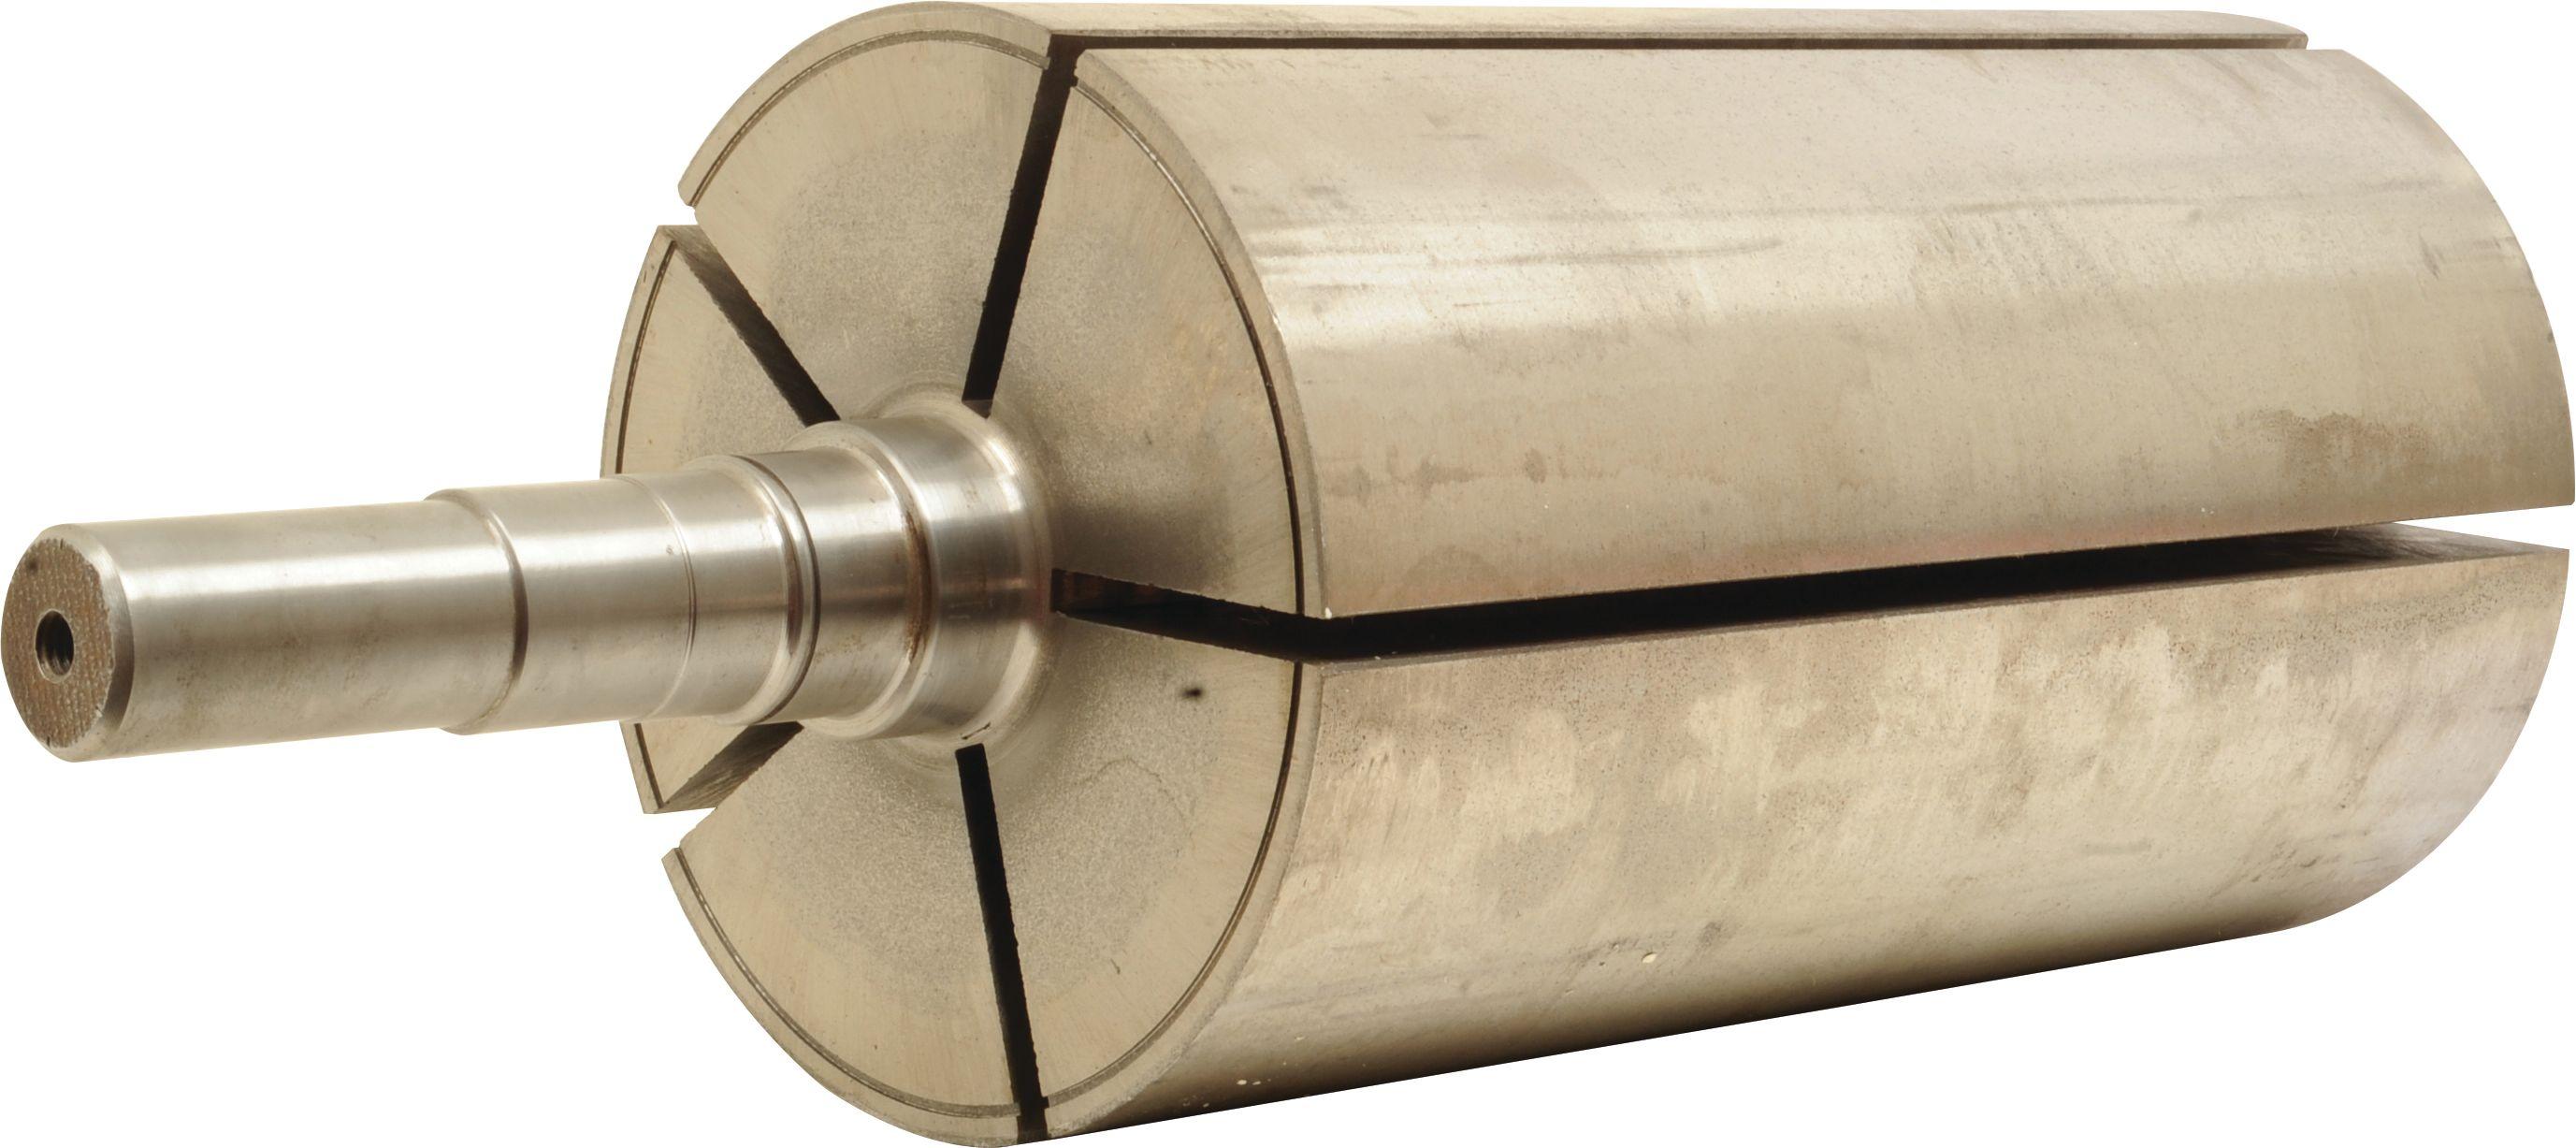 BATTIONI PAGANI POMP ROTOR-MEC 9000 P 101908